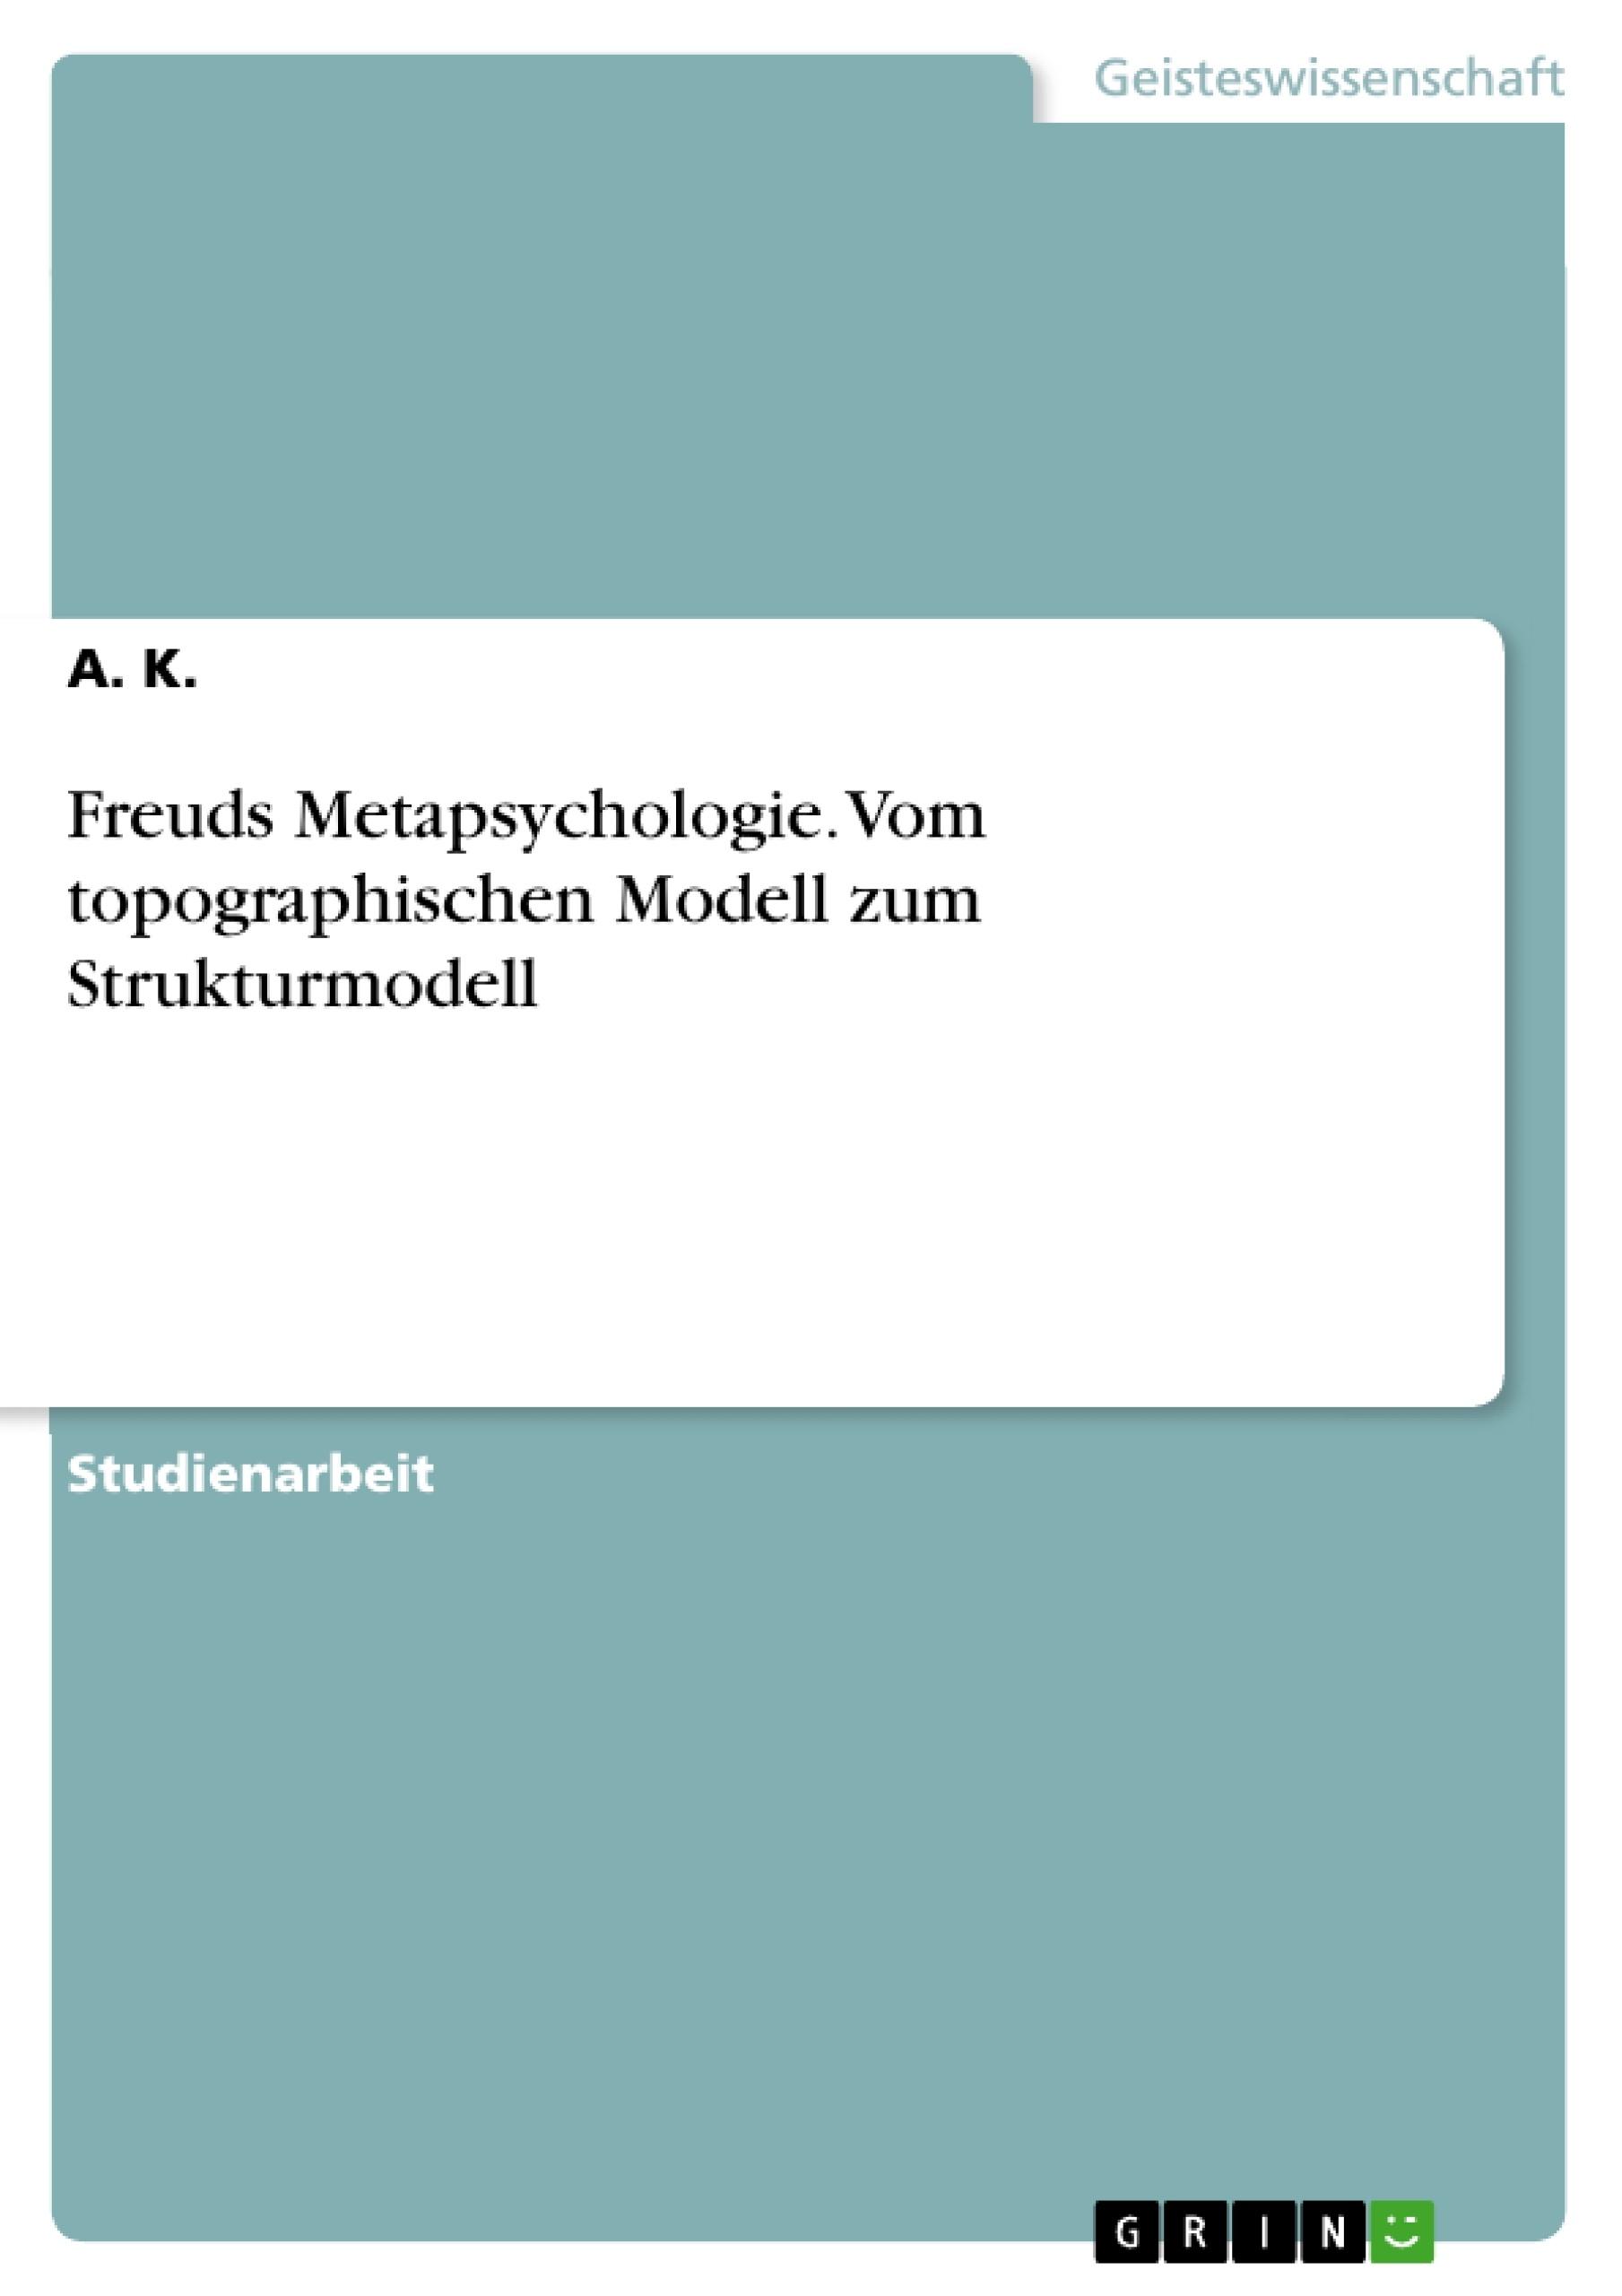 Titel: Freuds Metapsychologie. Vom topographischen Modell zum Strukturmodell